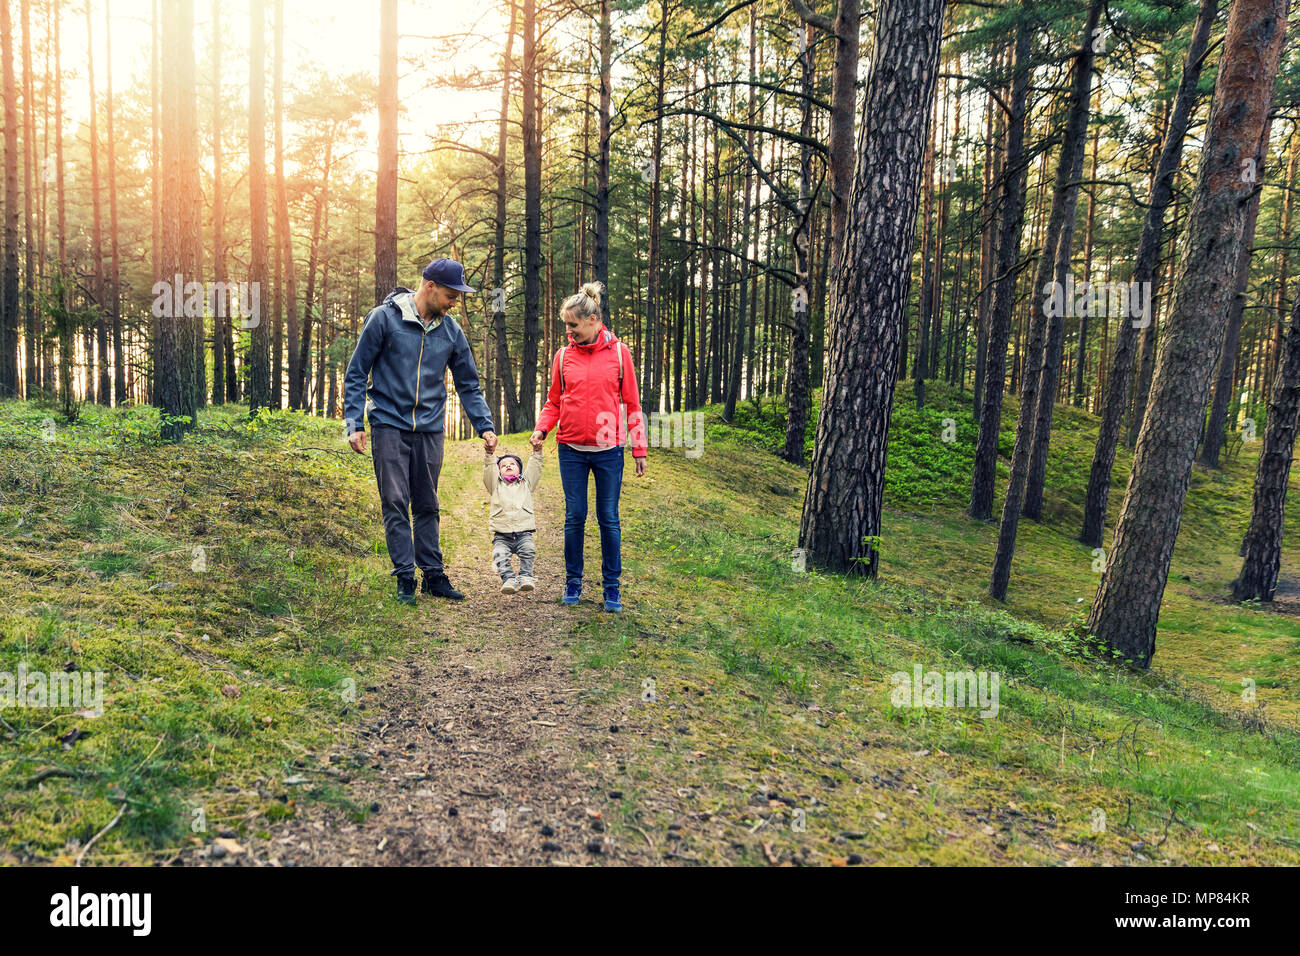 Caminata en el bosque de la familia Imagen De Stock